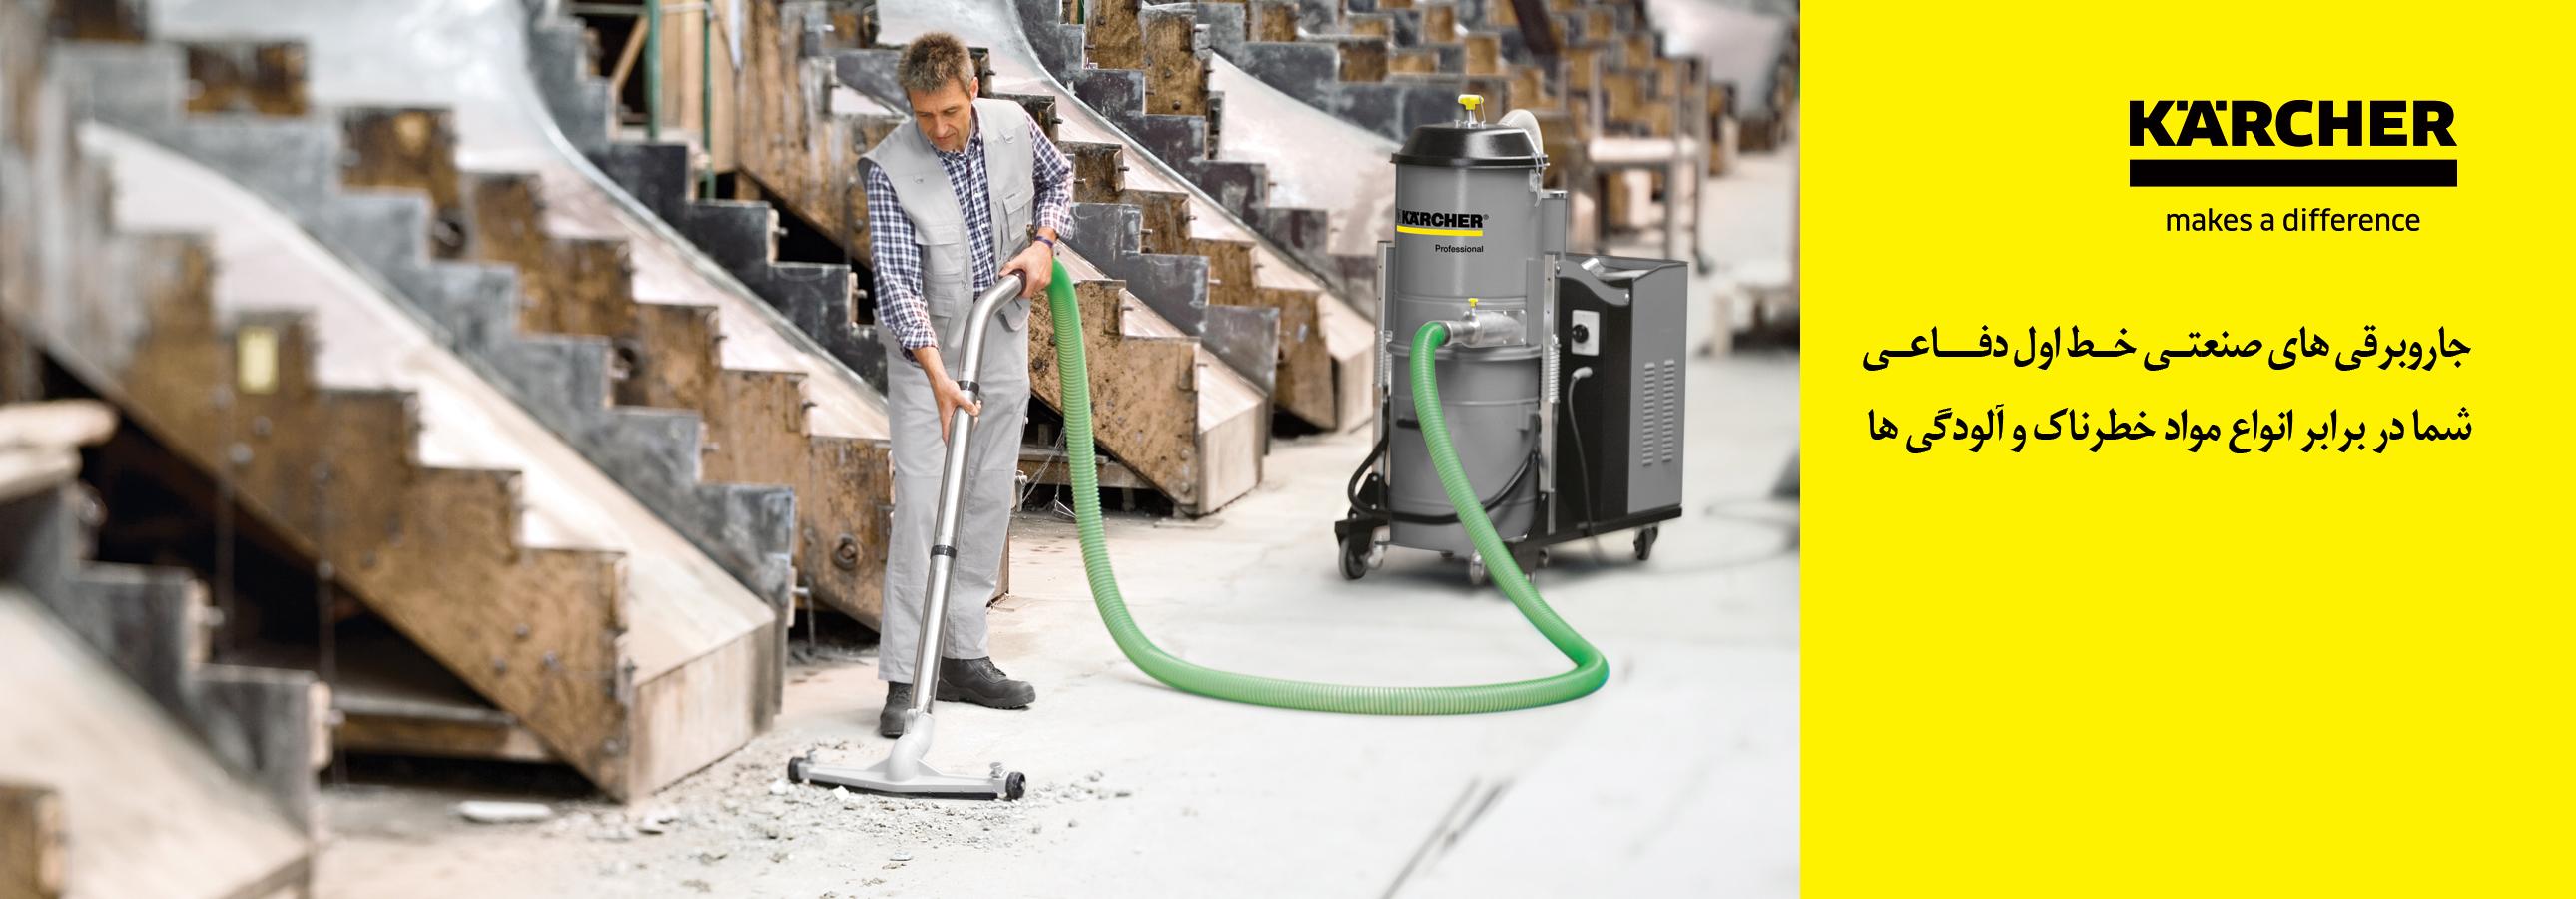 دستگاه جاروبرقی صنعتی خط اول دفاعی شما در برابر انواع مواد خطرناک